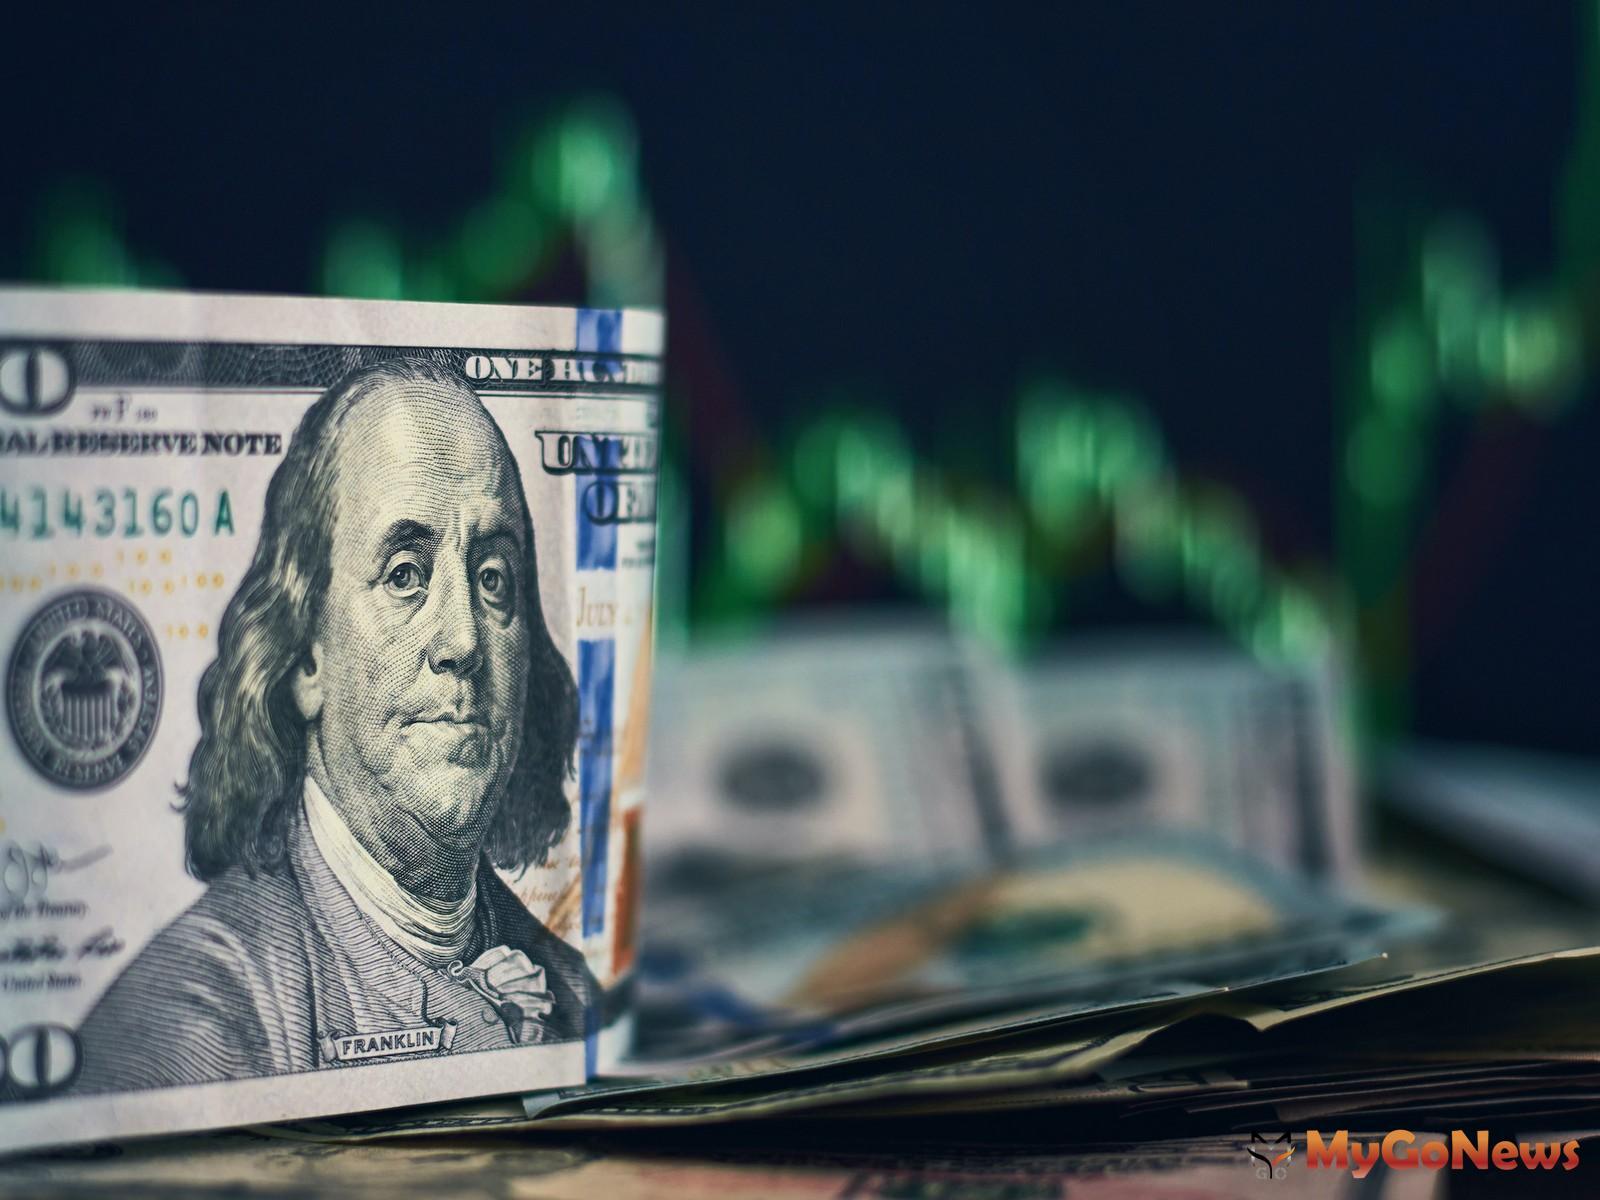 疫情之後,受無限QE影響及各項紓困政策,熱錢大筆湧現金融市場(圖/21世紀不動產)。 MyGoNews房地產新聞 趨勢報導